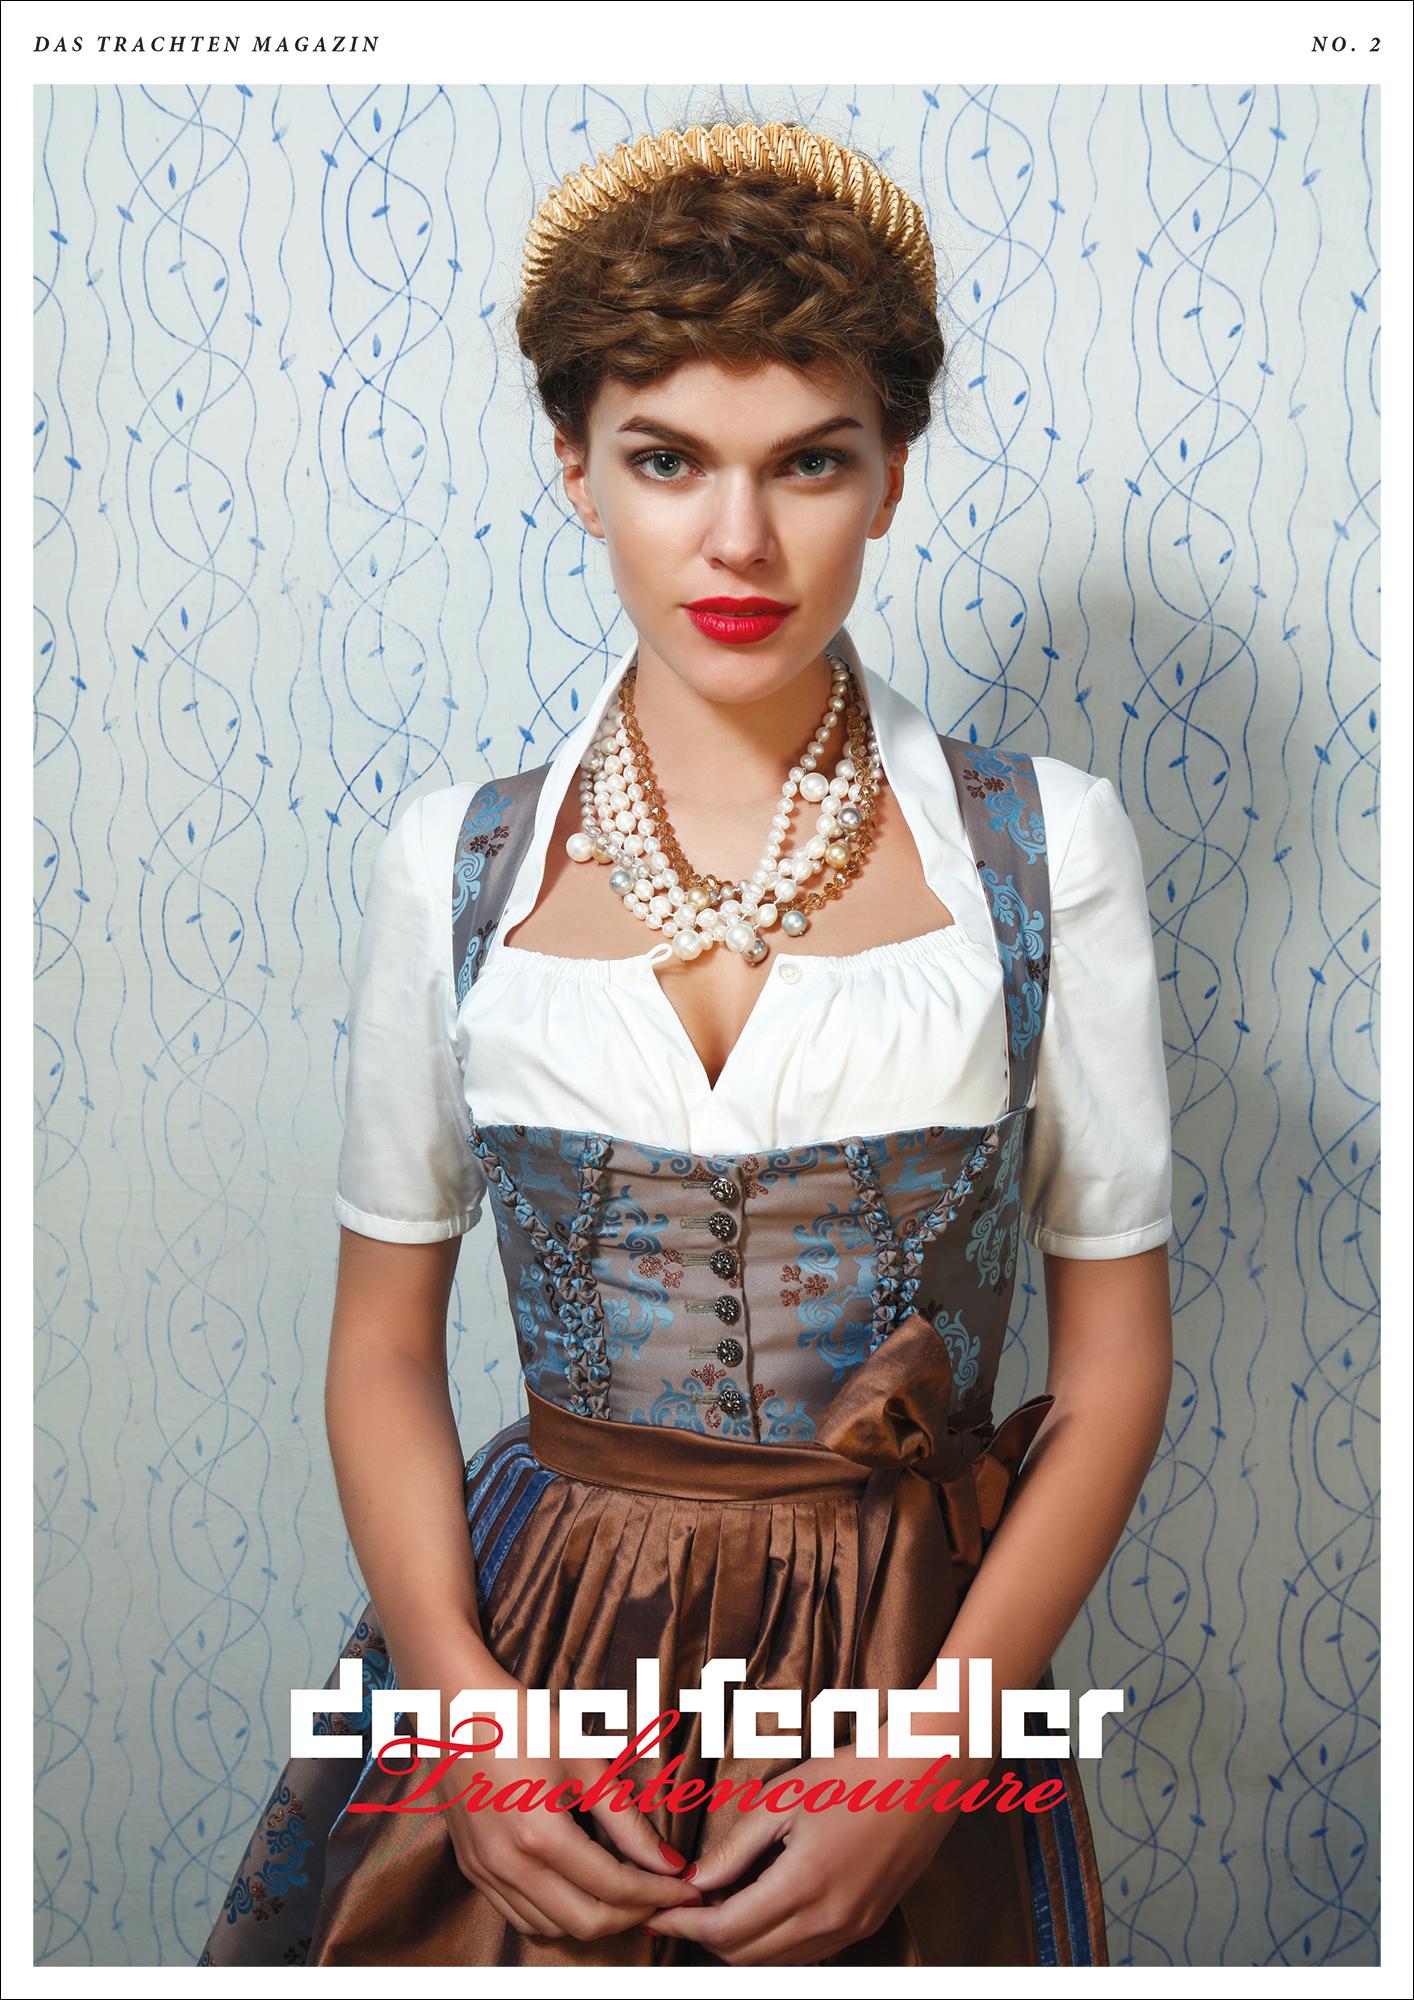 Das-Trachtenmagazin-2-Cover.jpg